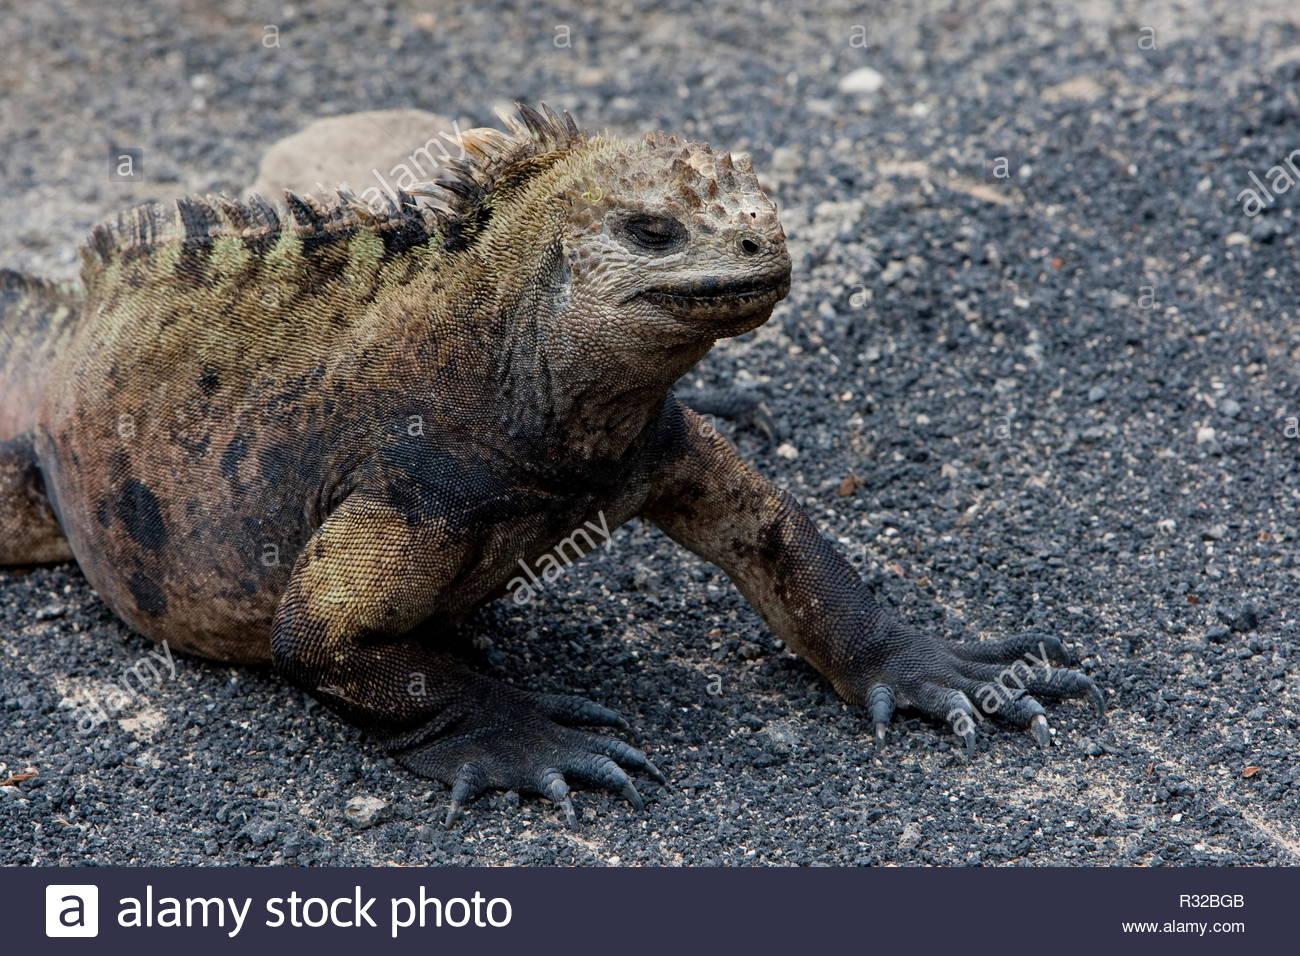 Lizard taken at Galapagos - Stock Image